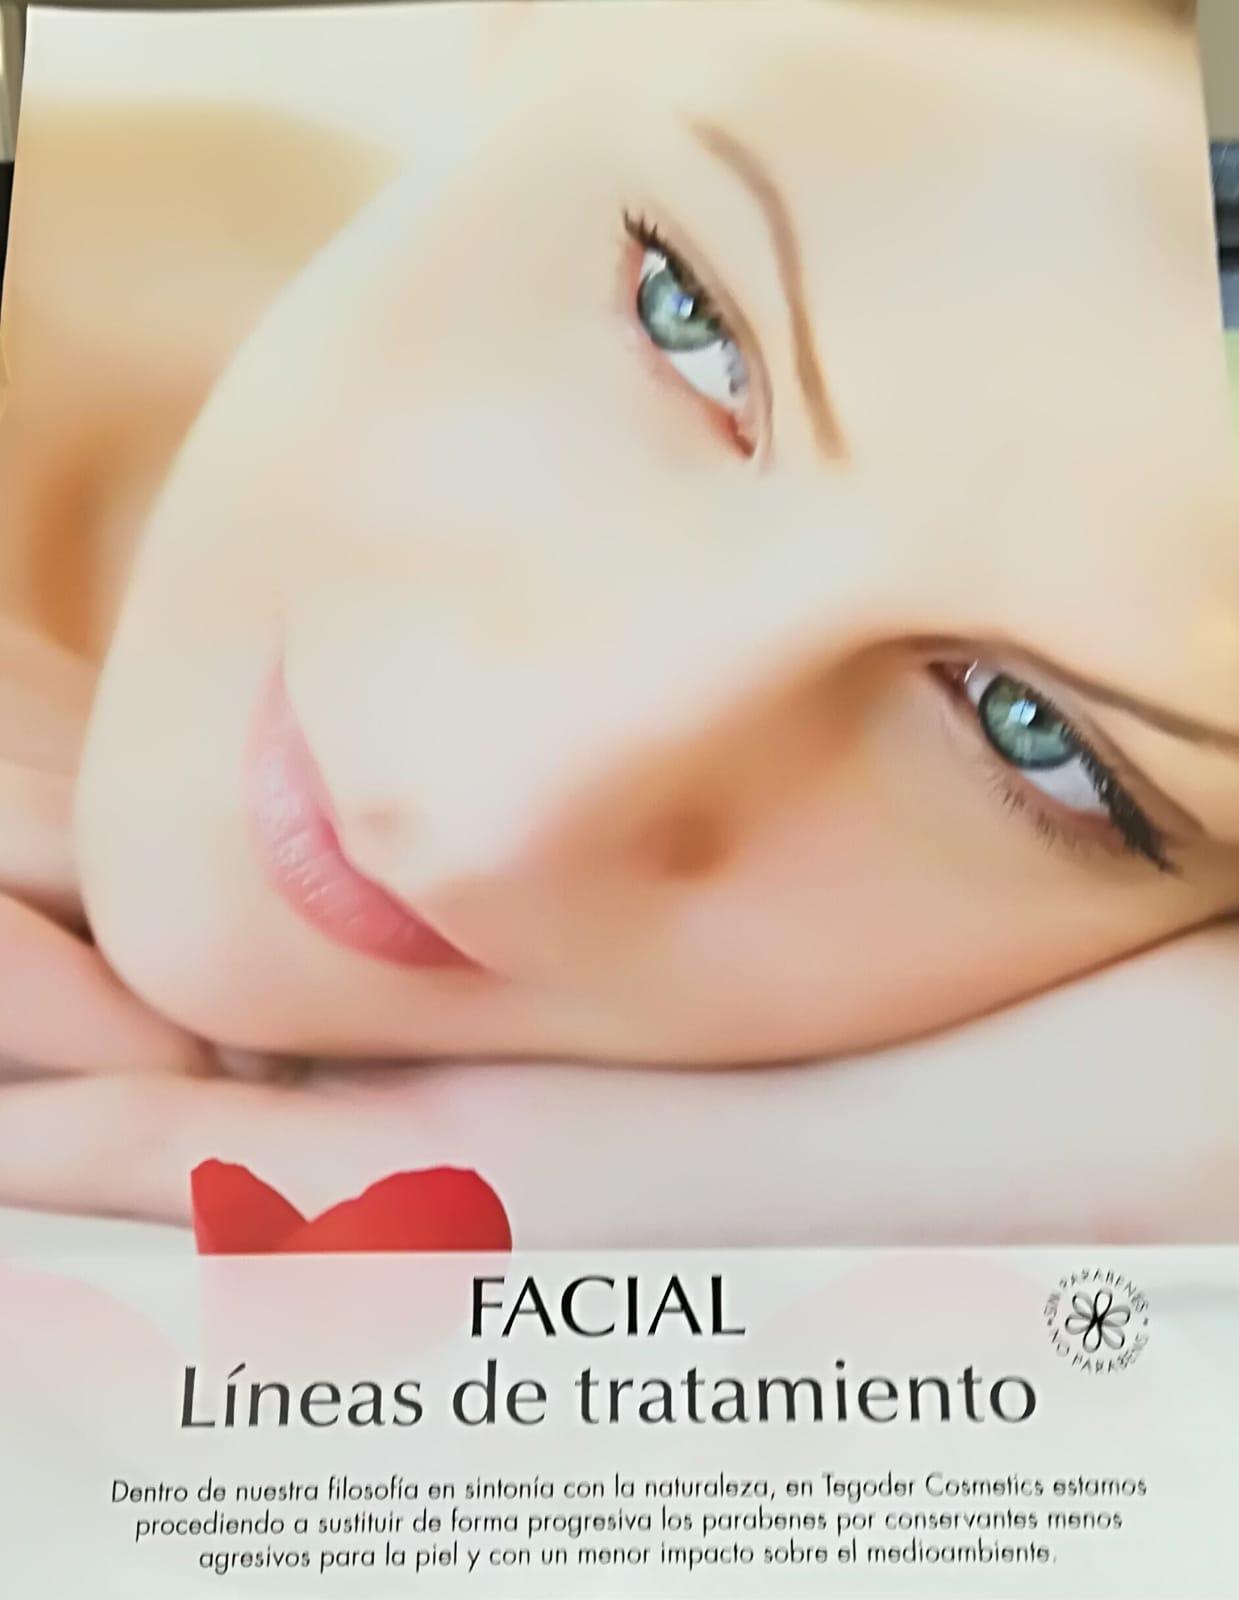 Facial línea de tratamiento